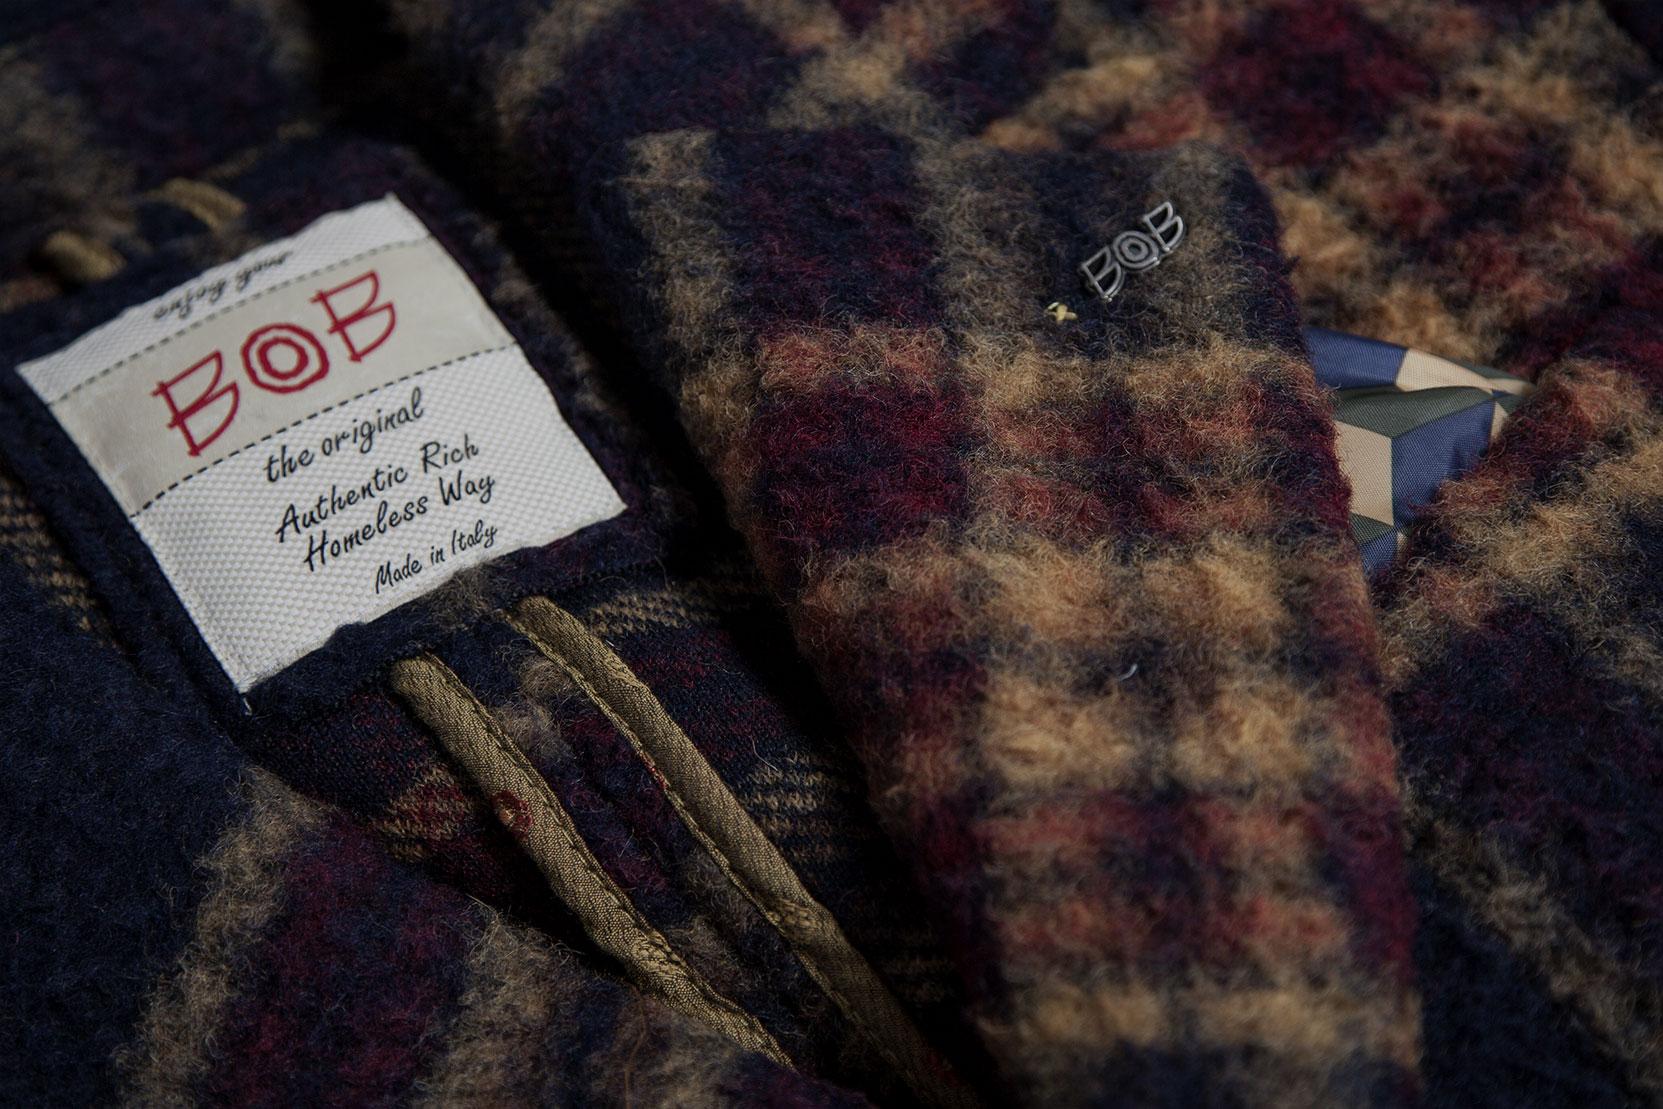 46f950218e16 BOB es una marca de ropa deportiva lanzada por tres jóvenes italianos  creativos, Alessio Bonaiuti, Tommaso Bellini y Enrico Giarrè, que son todos  ...